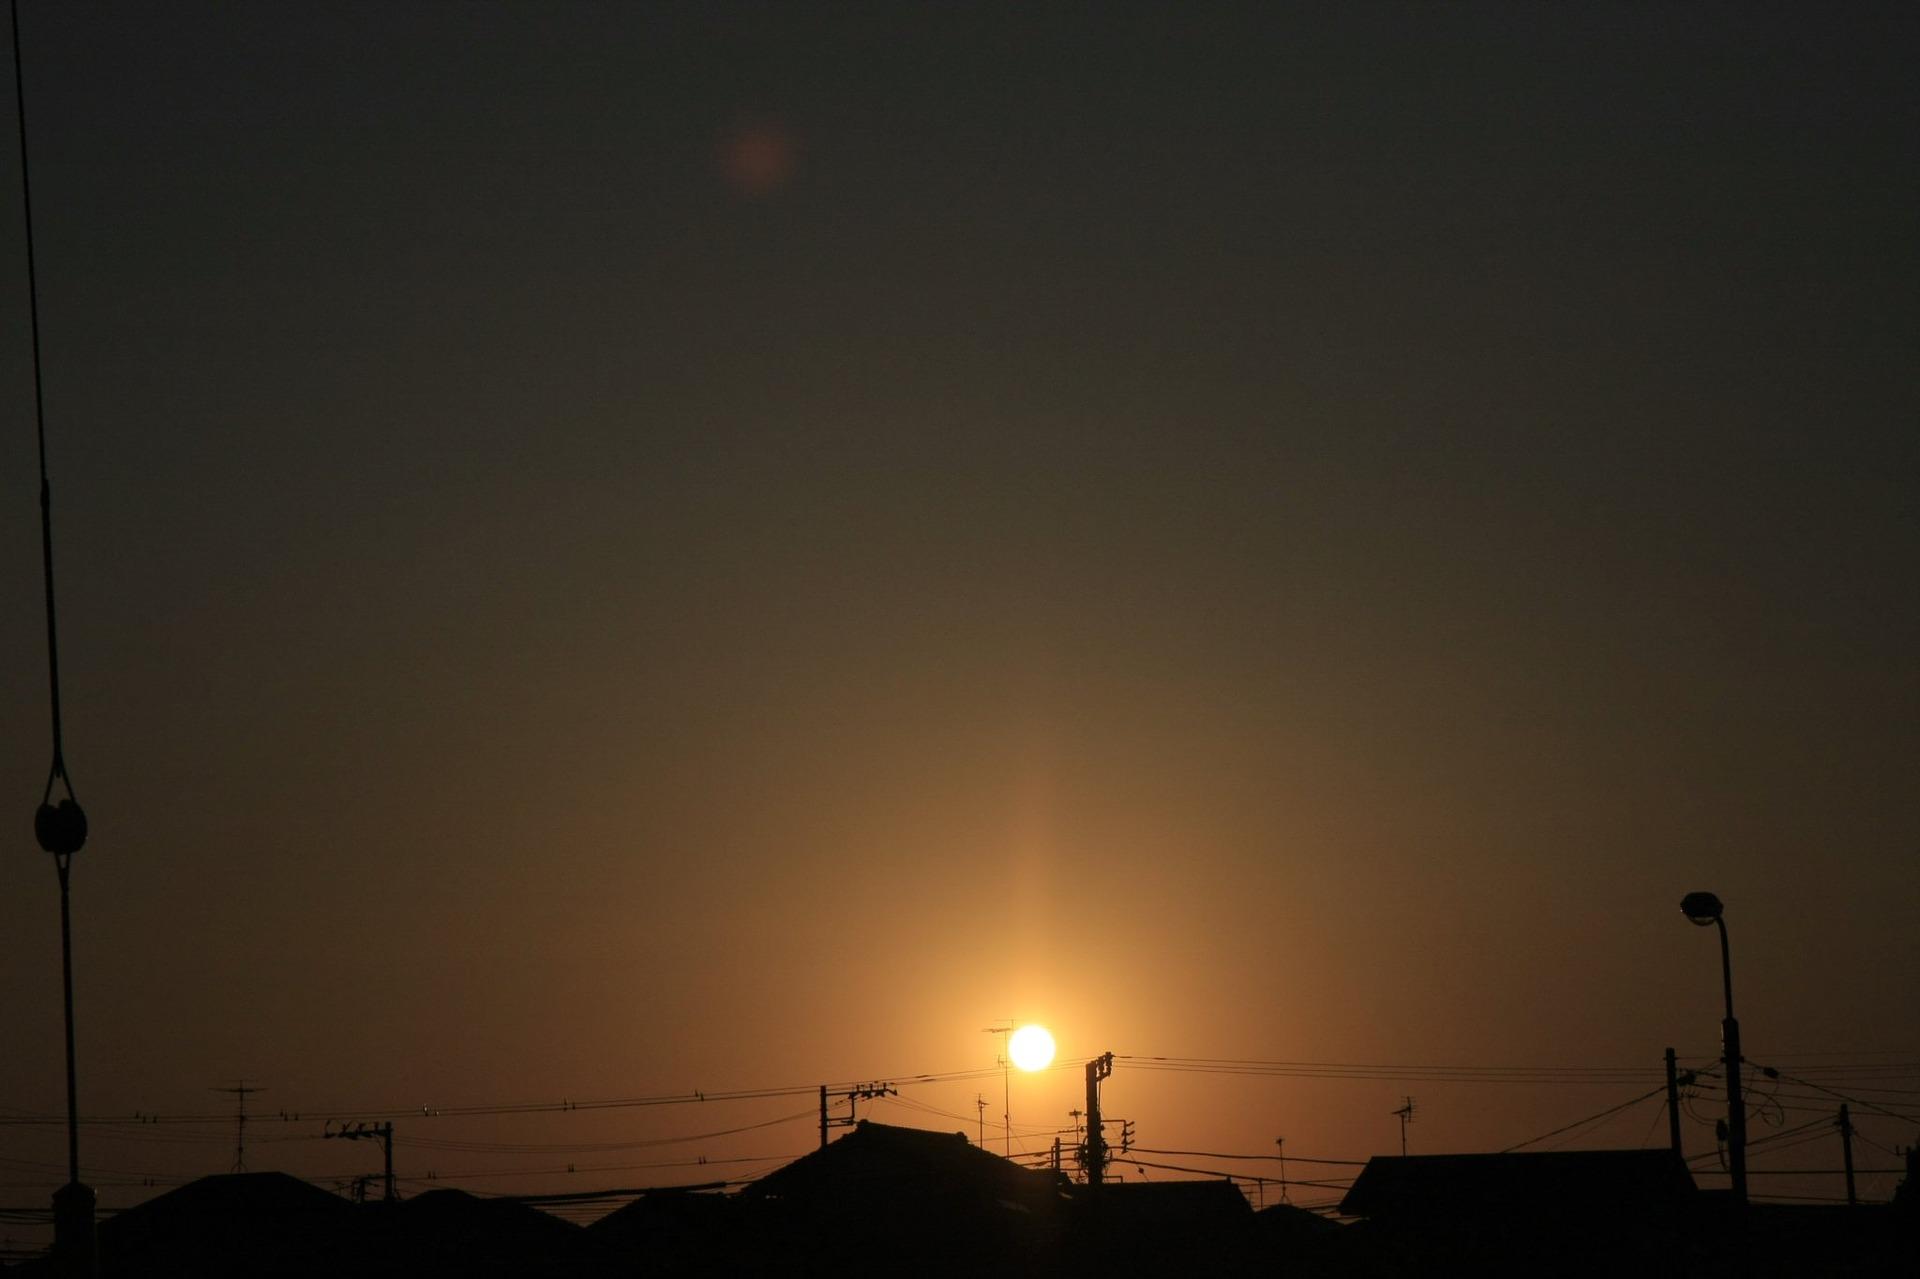 夕暮れと夜の狭間では、小沢健二の曲が合うという投稿 ホームページ制作ならオフィスキシモト 岸本優喜(きしもとゆうき)